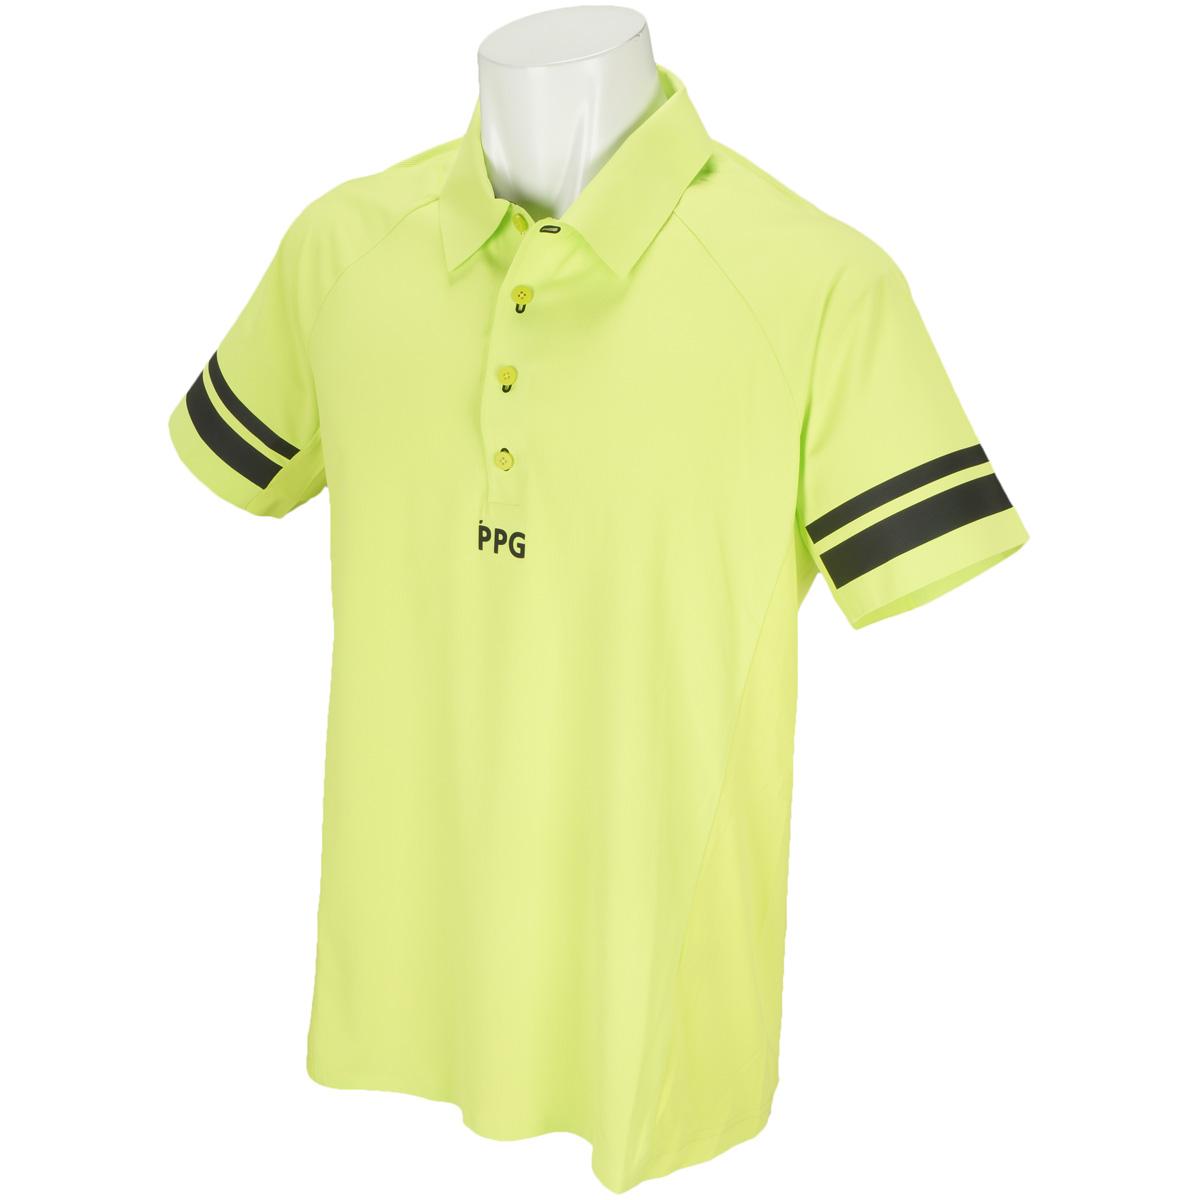 MSYミニワッフル 半袖ポロシャツ